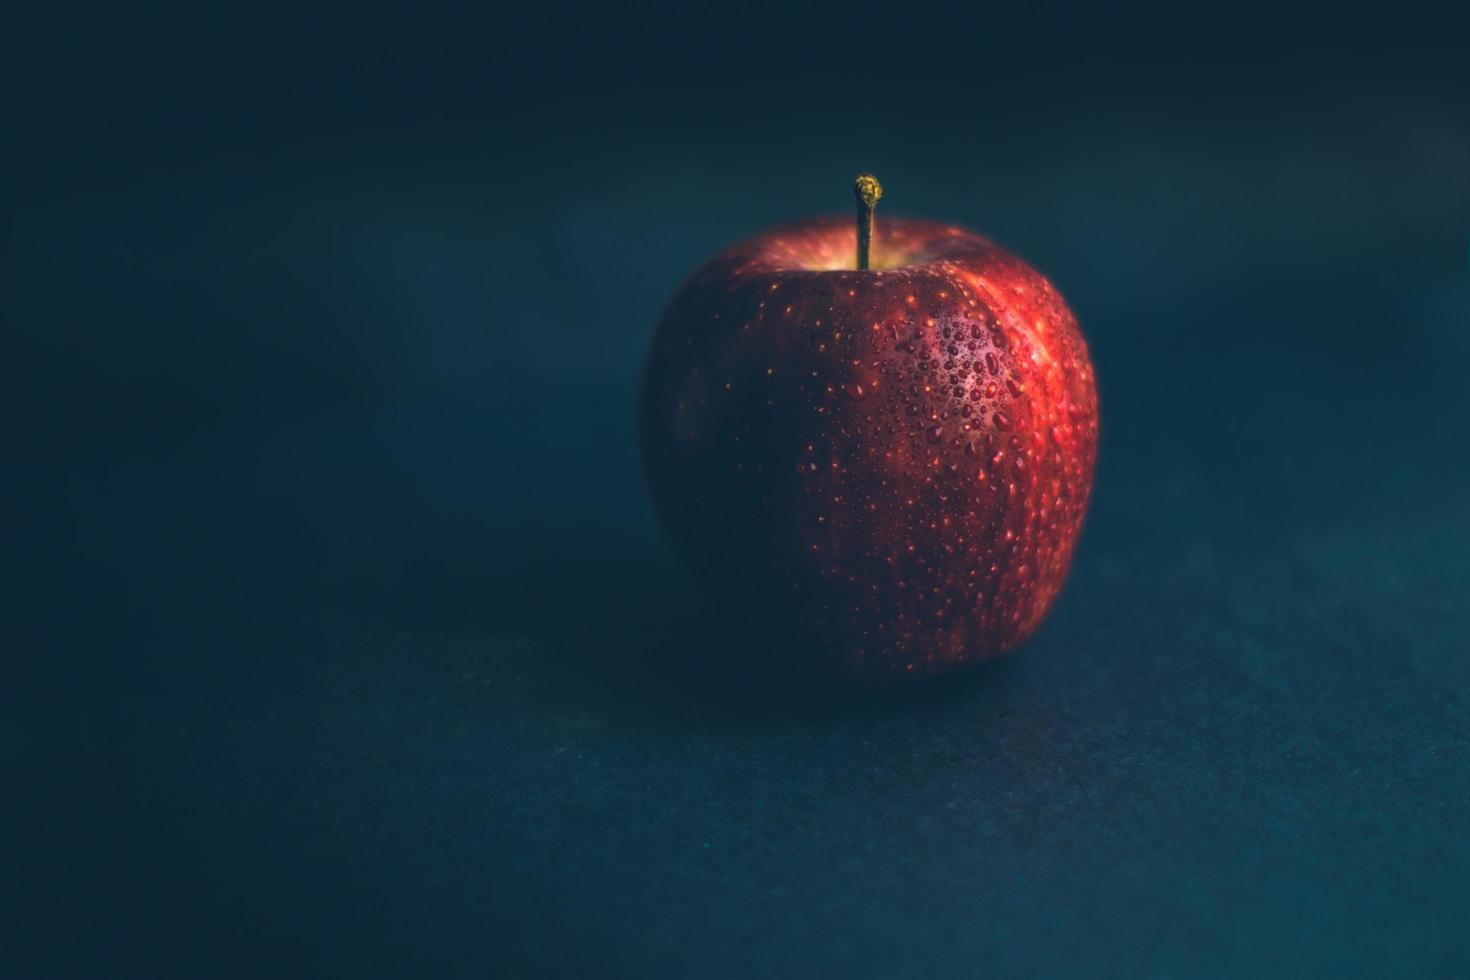 Red apple on dark background photo